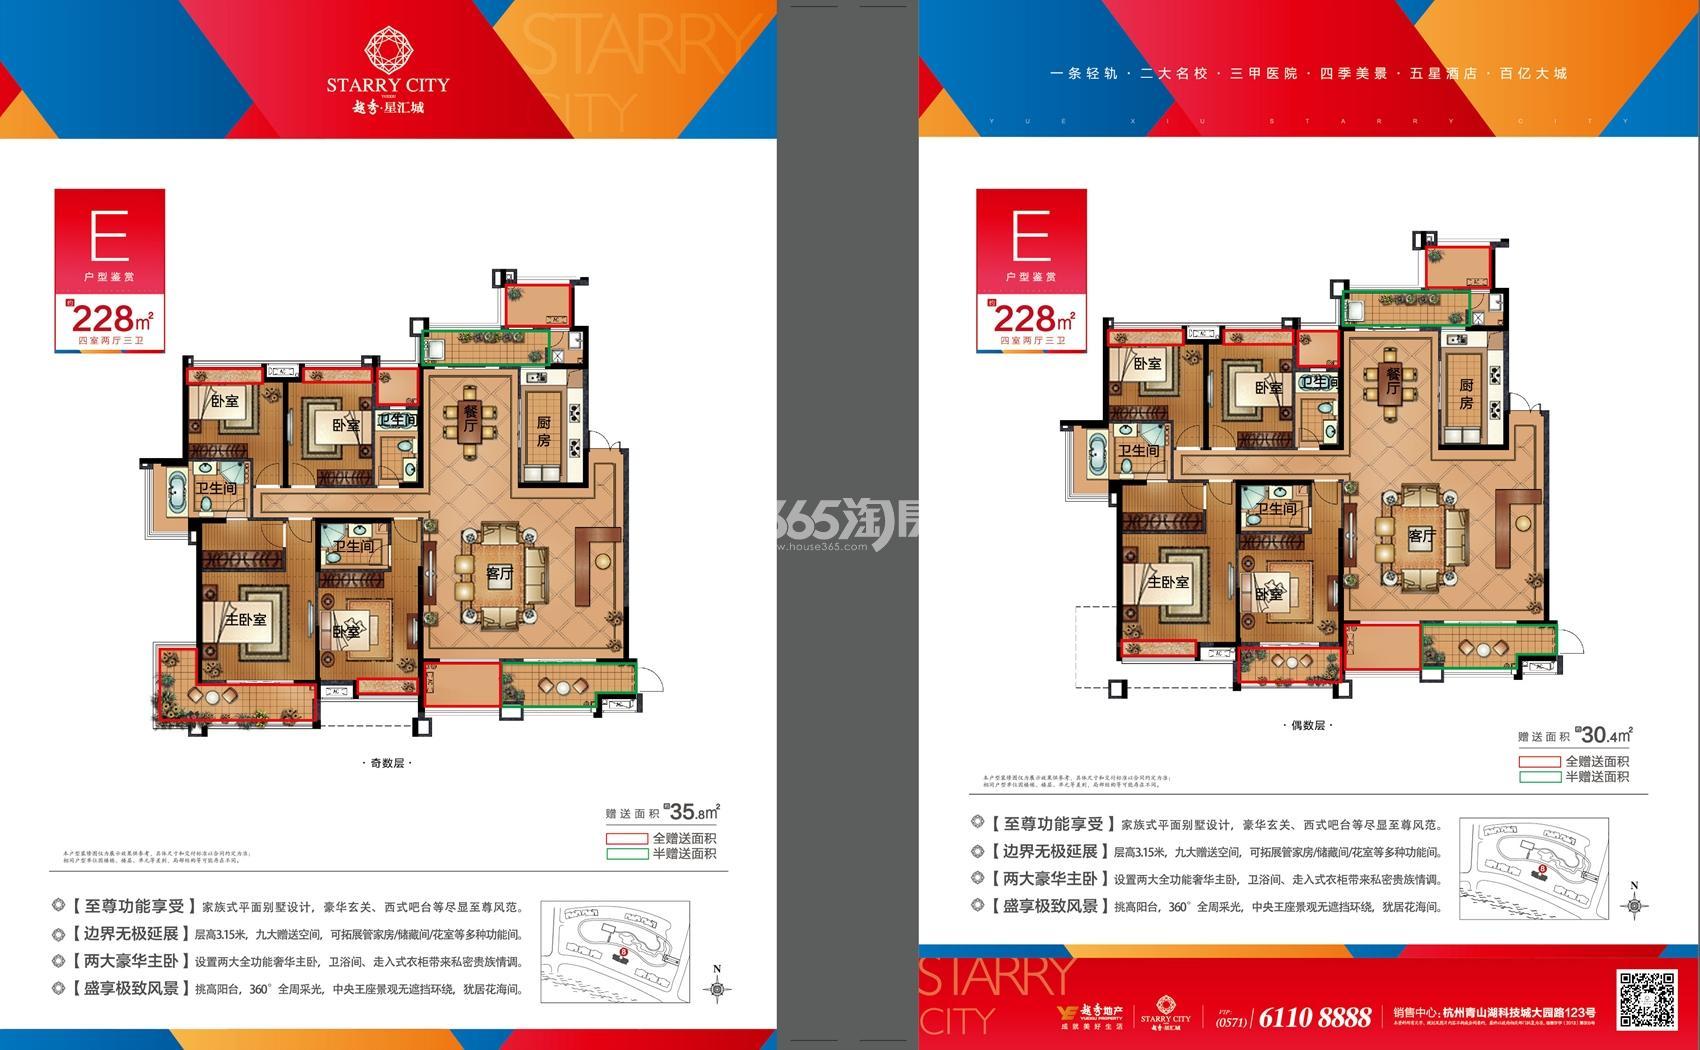 越秀星汇城E户型228方奇数层和偶数层 (8号楼)